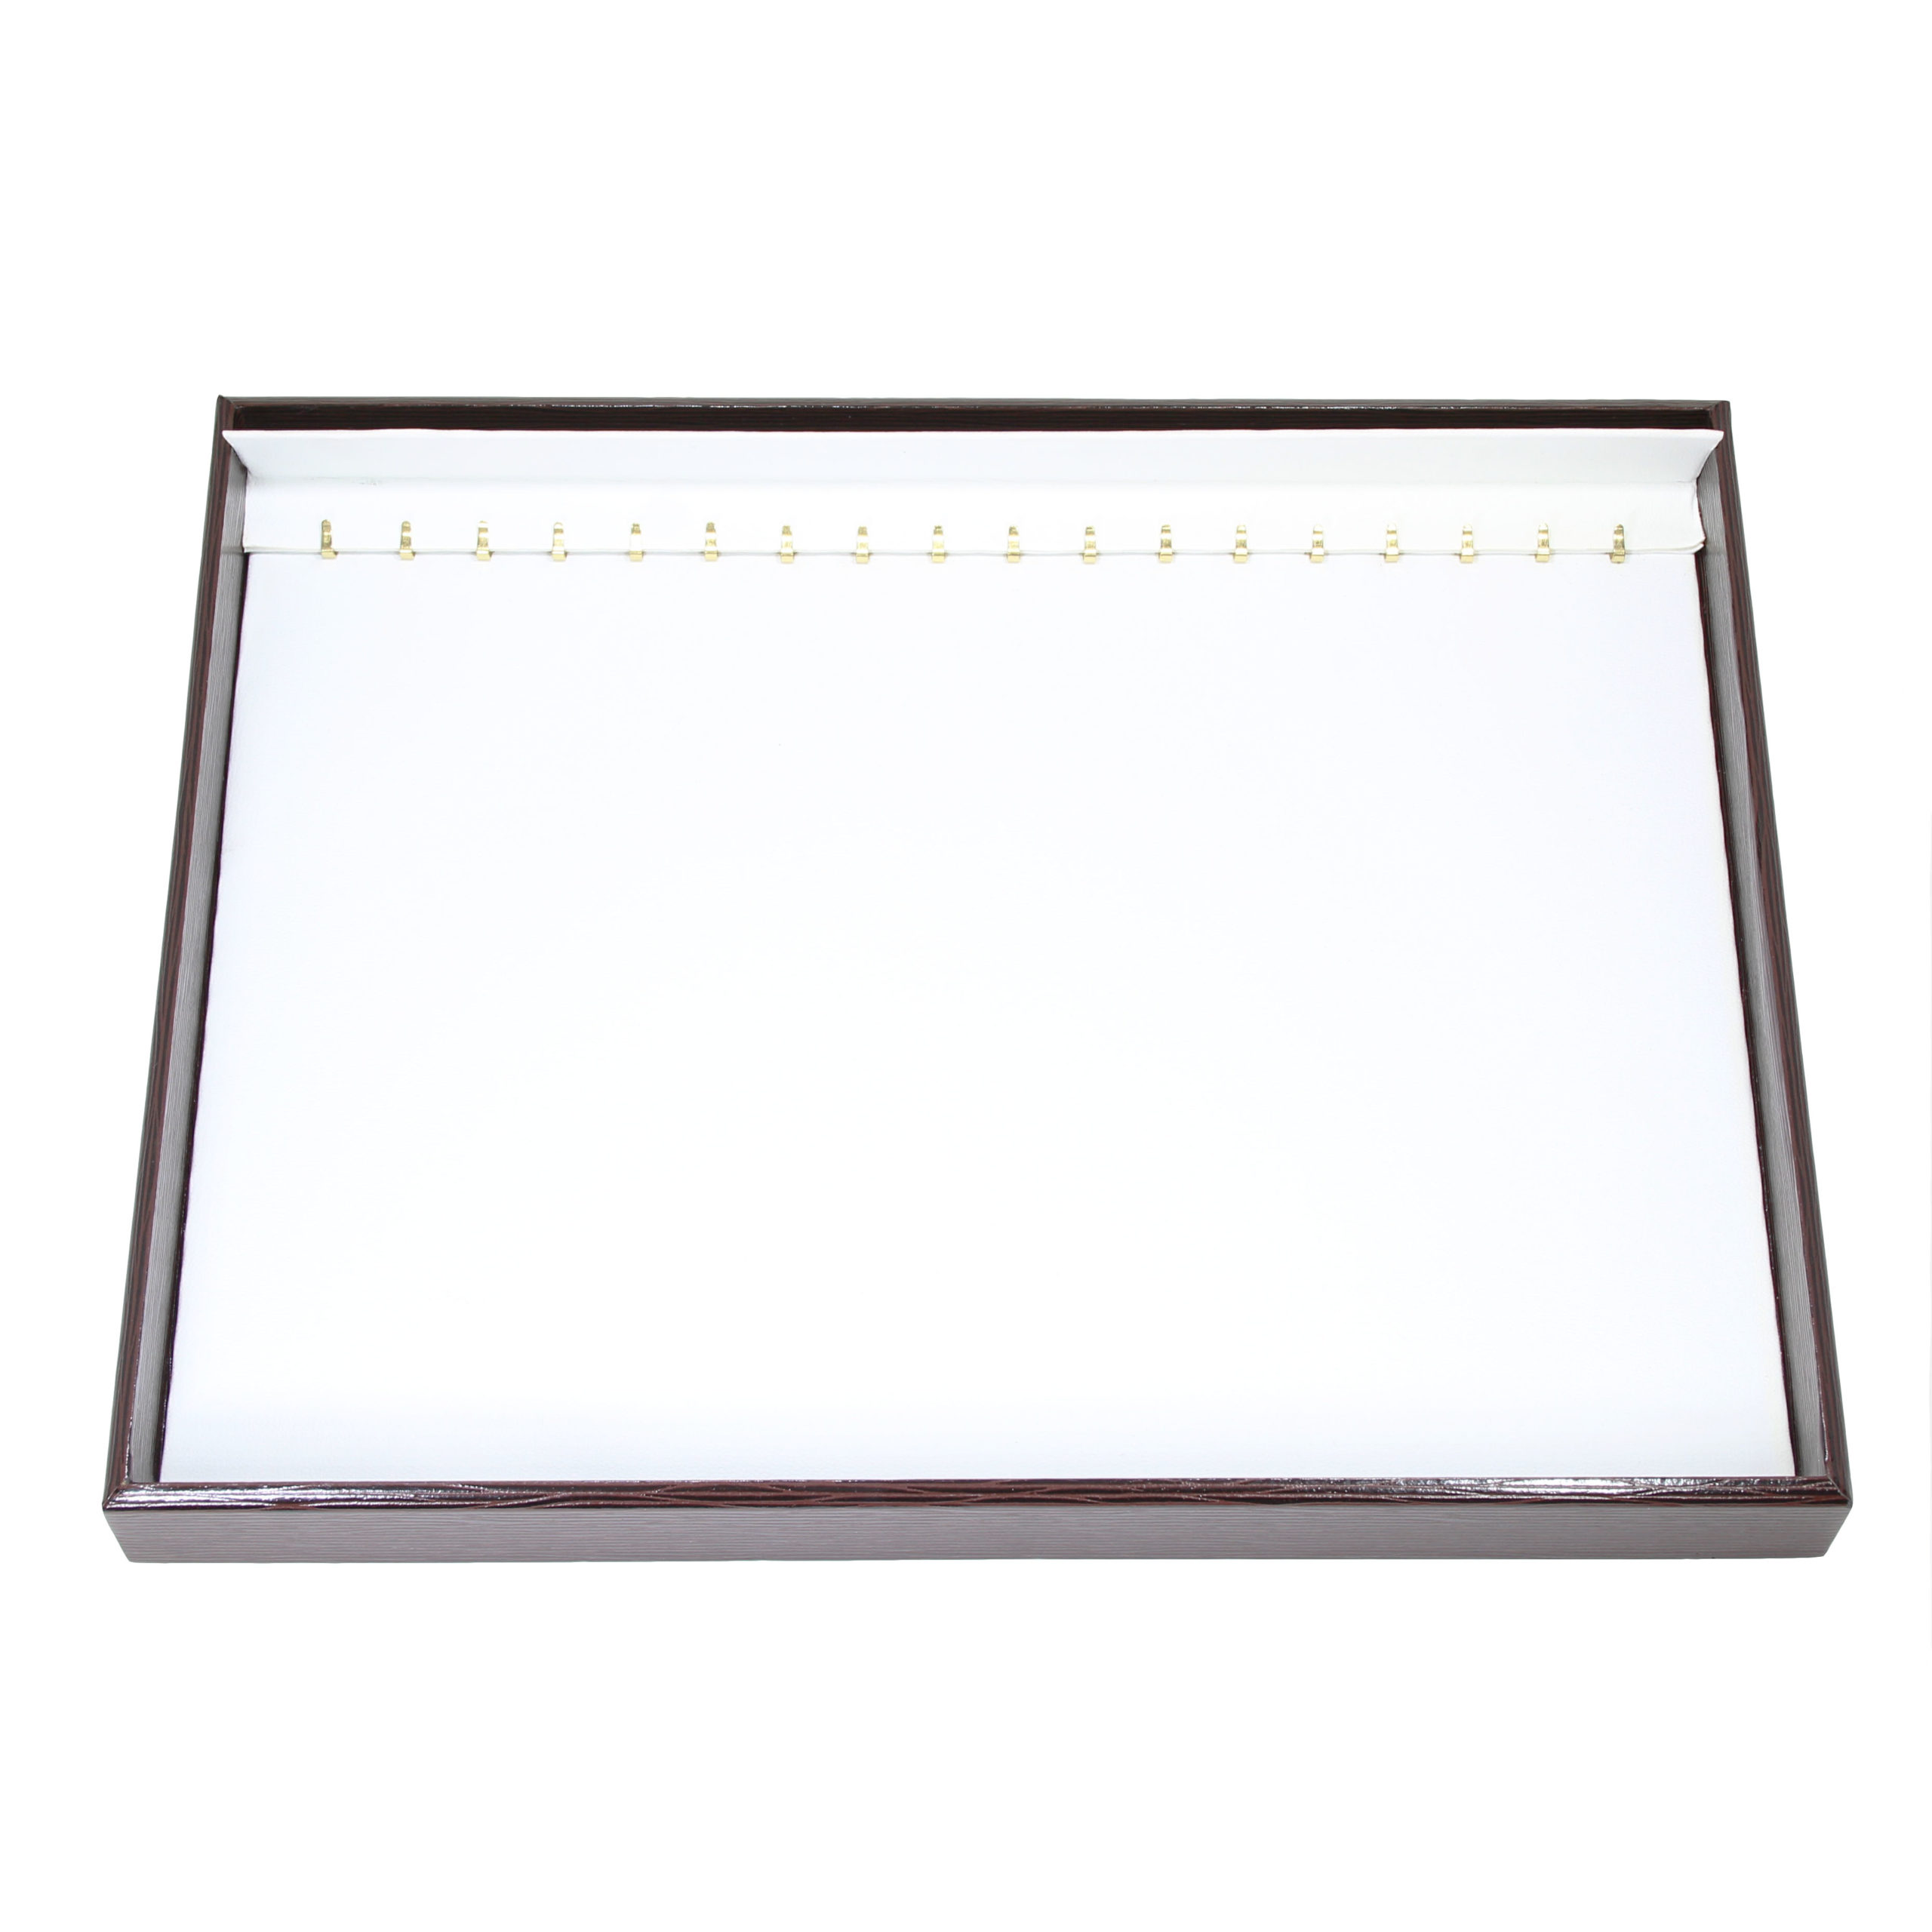 Планшет под цепи/браслеты бел кож 116843